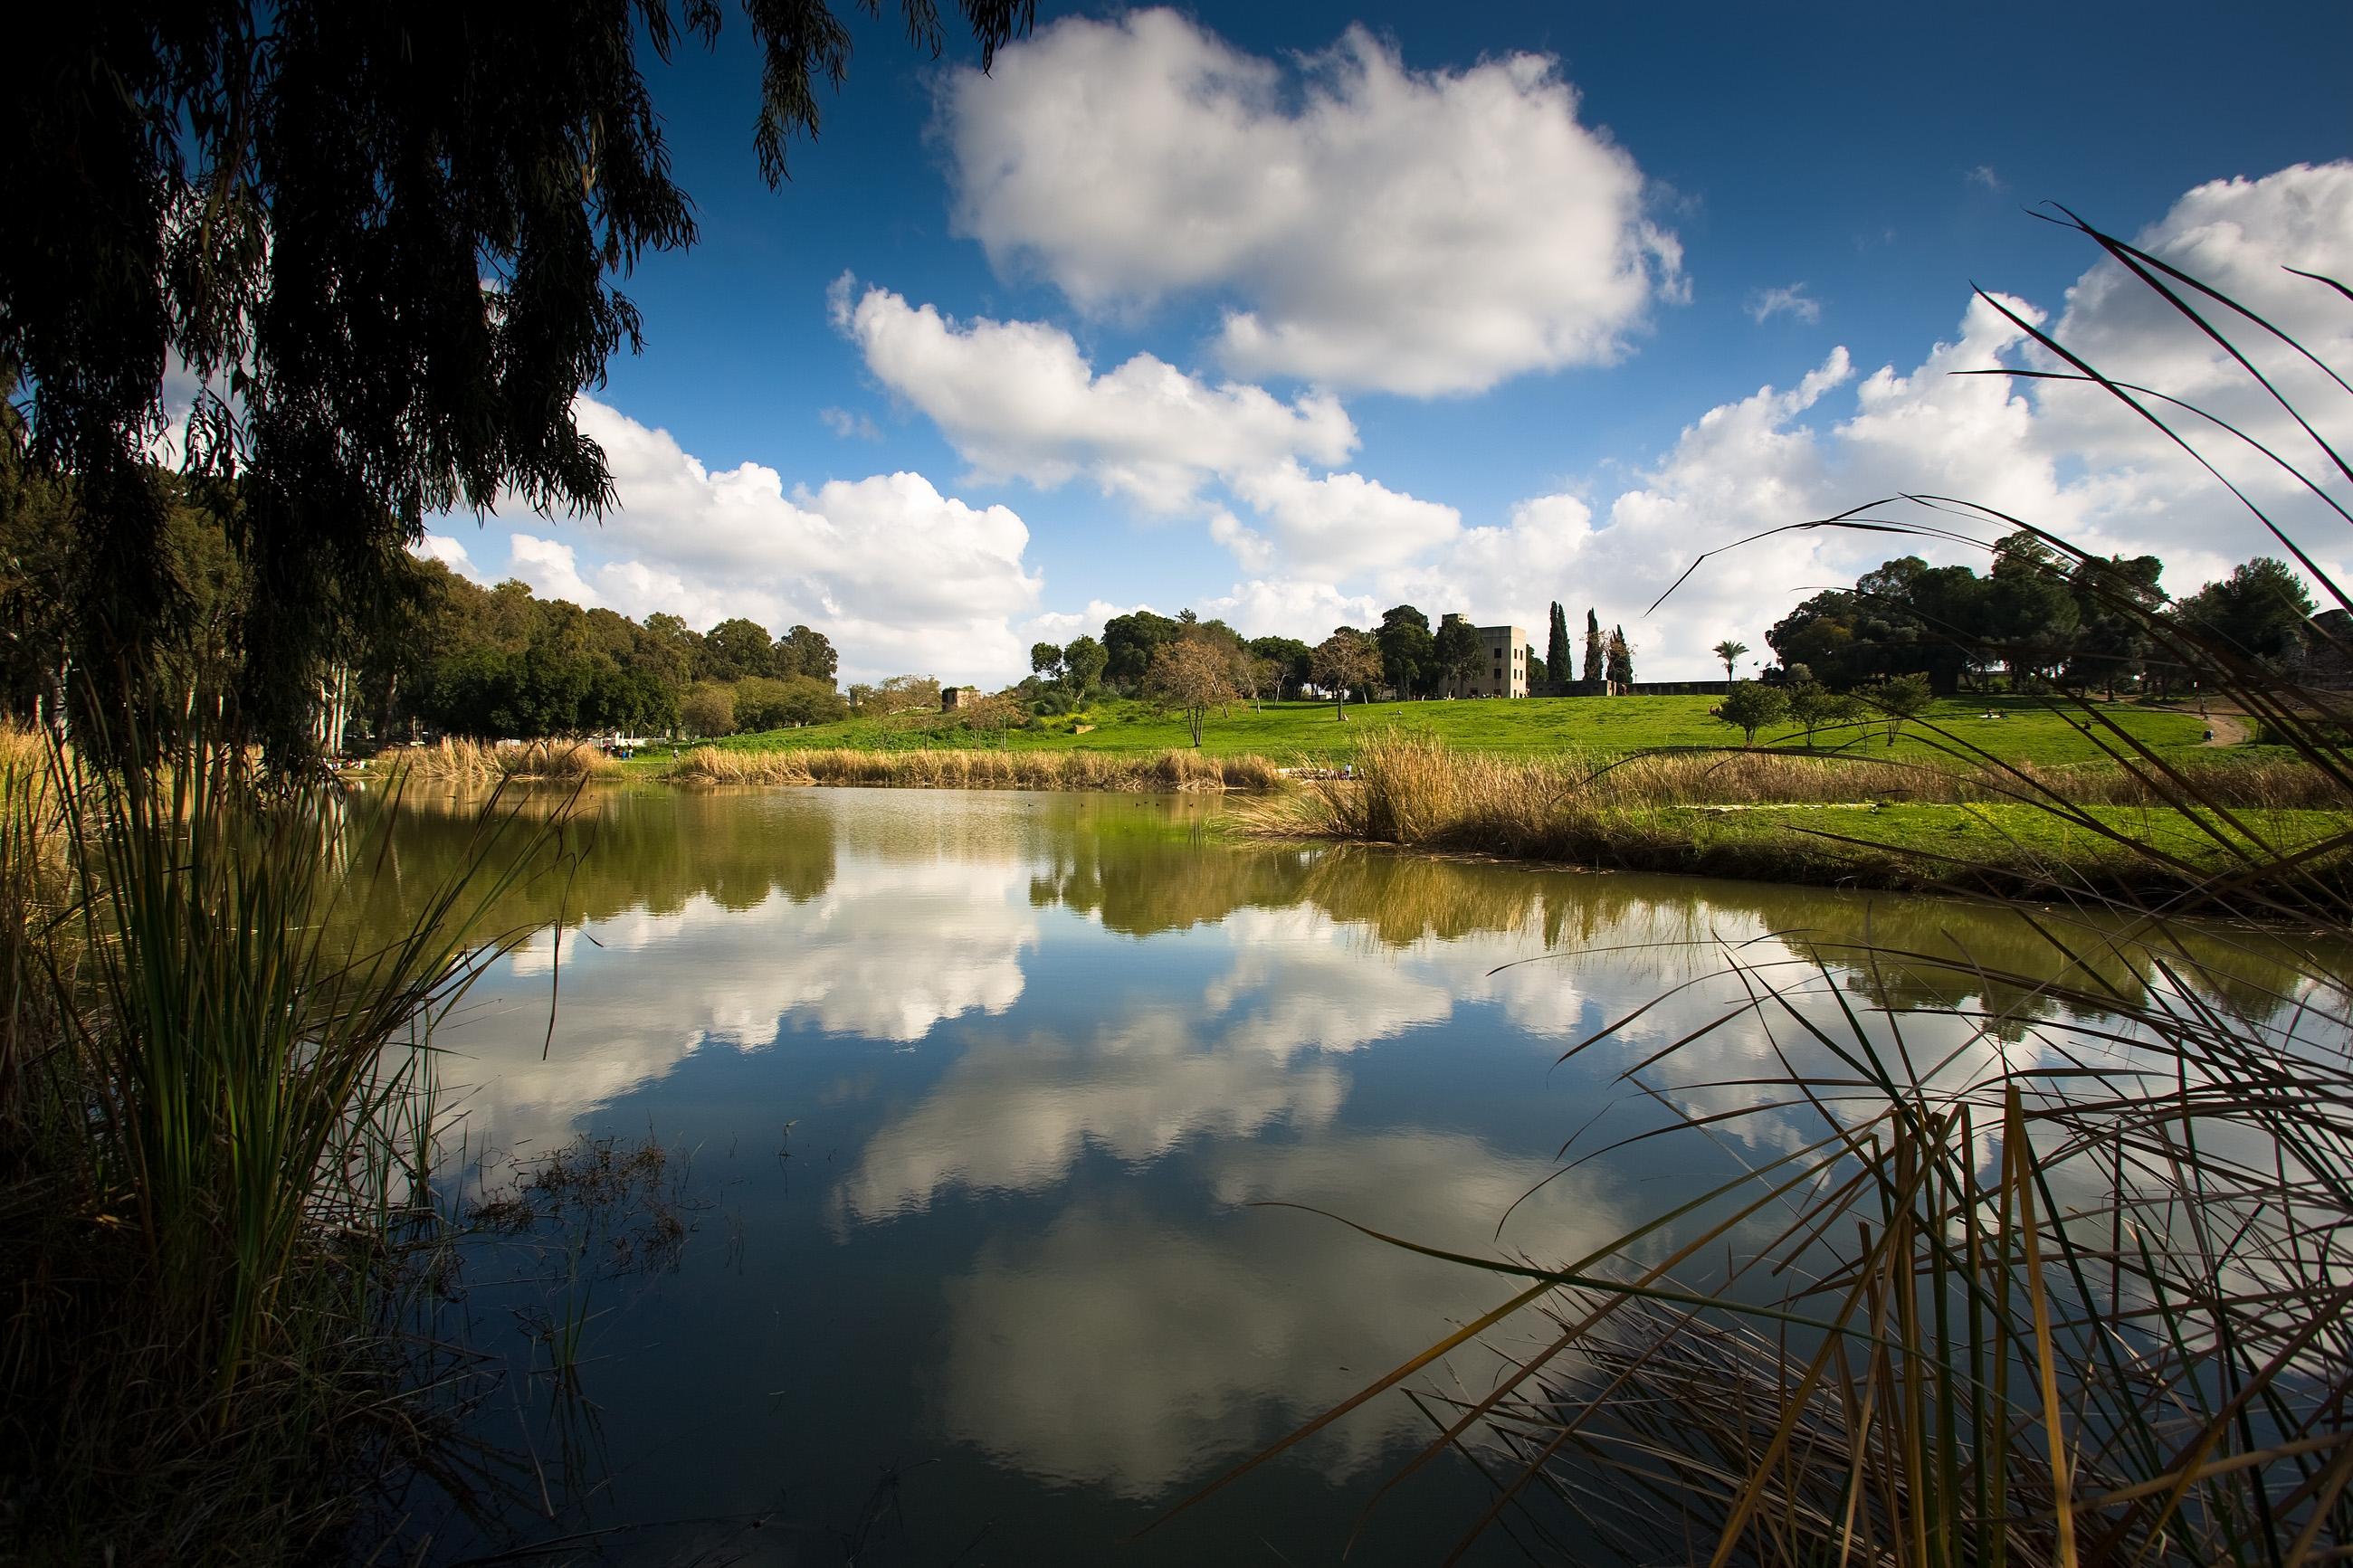 נוף מרהיב: גן לאומי ירקון (צילום: רשות שמורות הטבע והגנים)